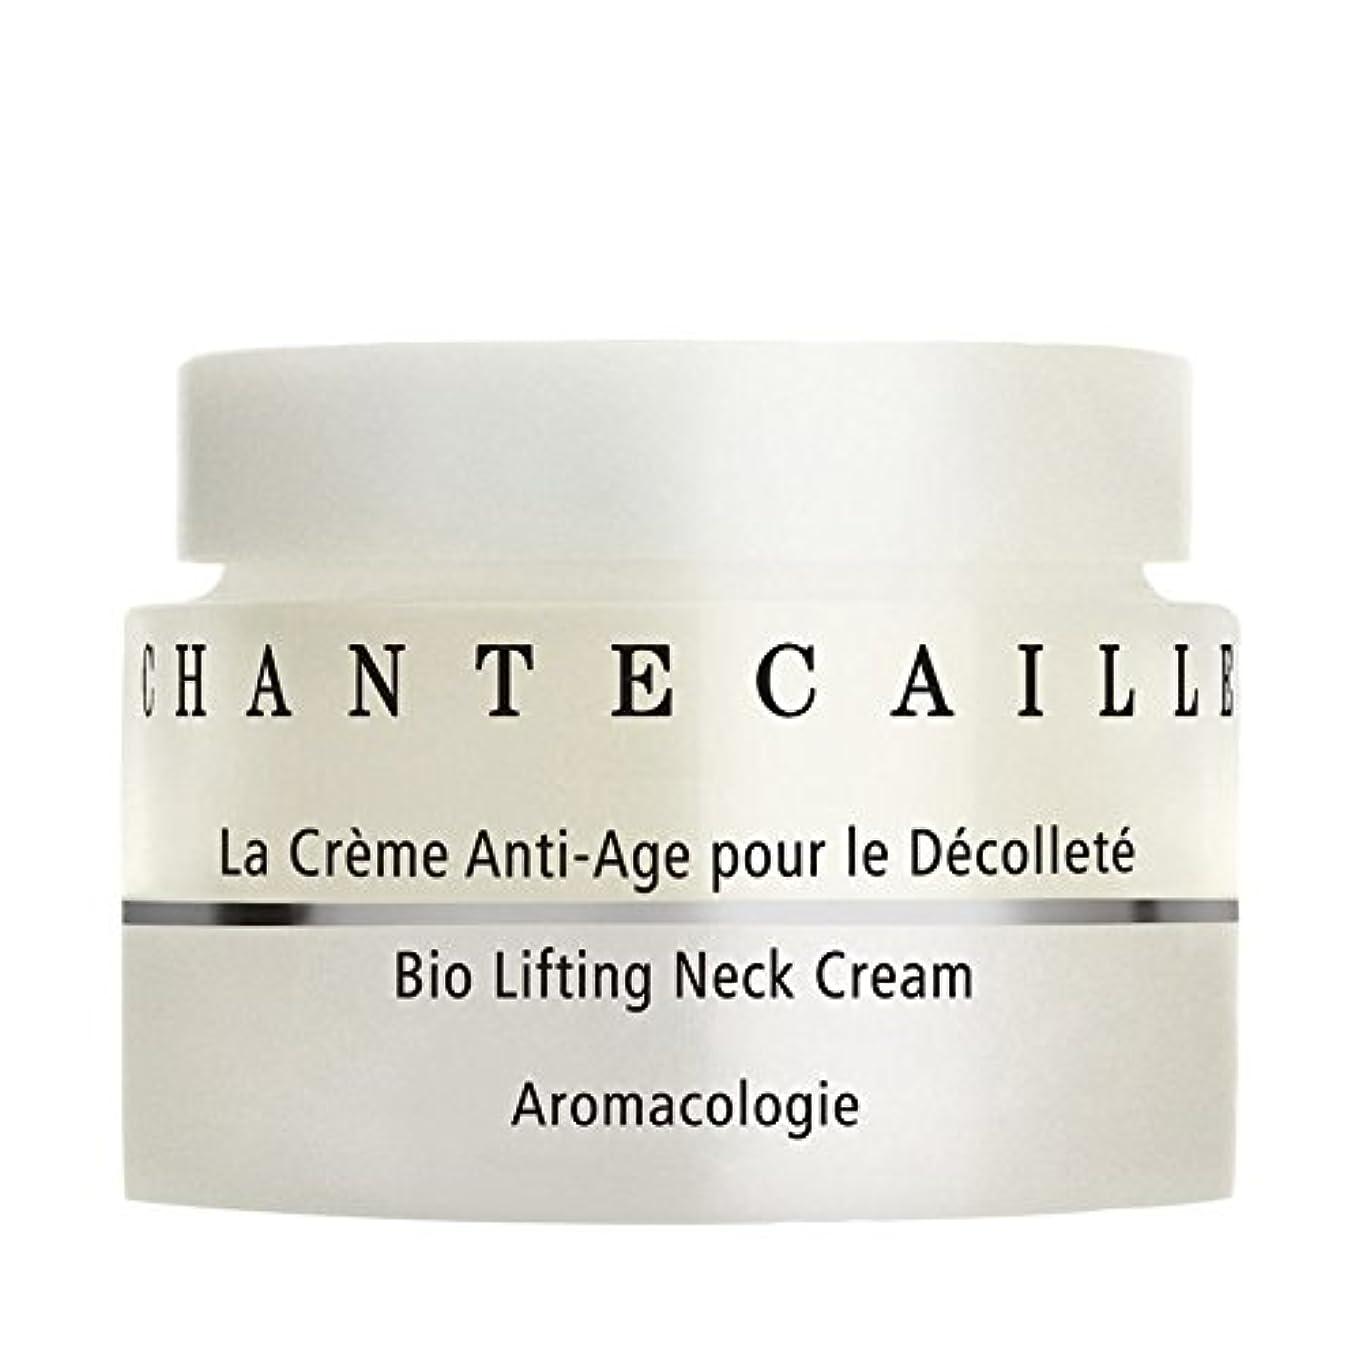 一般的に魔術うんざりChantecaille Biodynamic Lifting Neck Cream, Chantecaille - シャンテカイユバイオダイナミックリフティングネッククリーム、シャンテカイユ [並行輸入品]